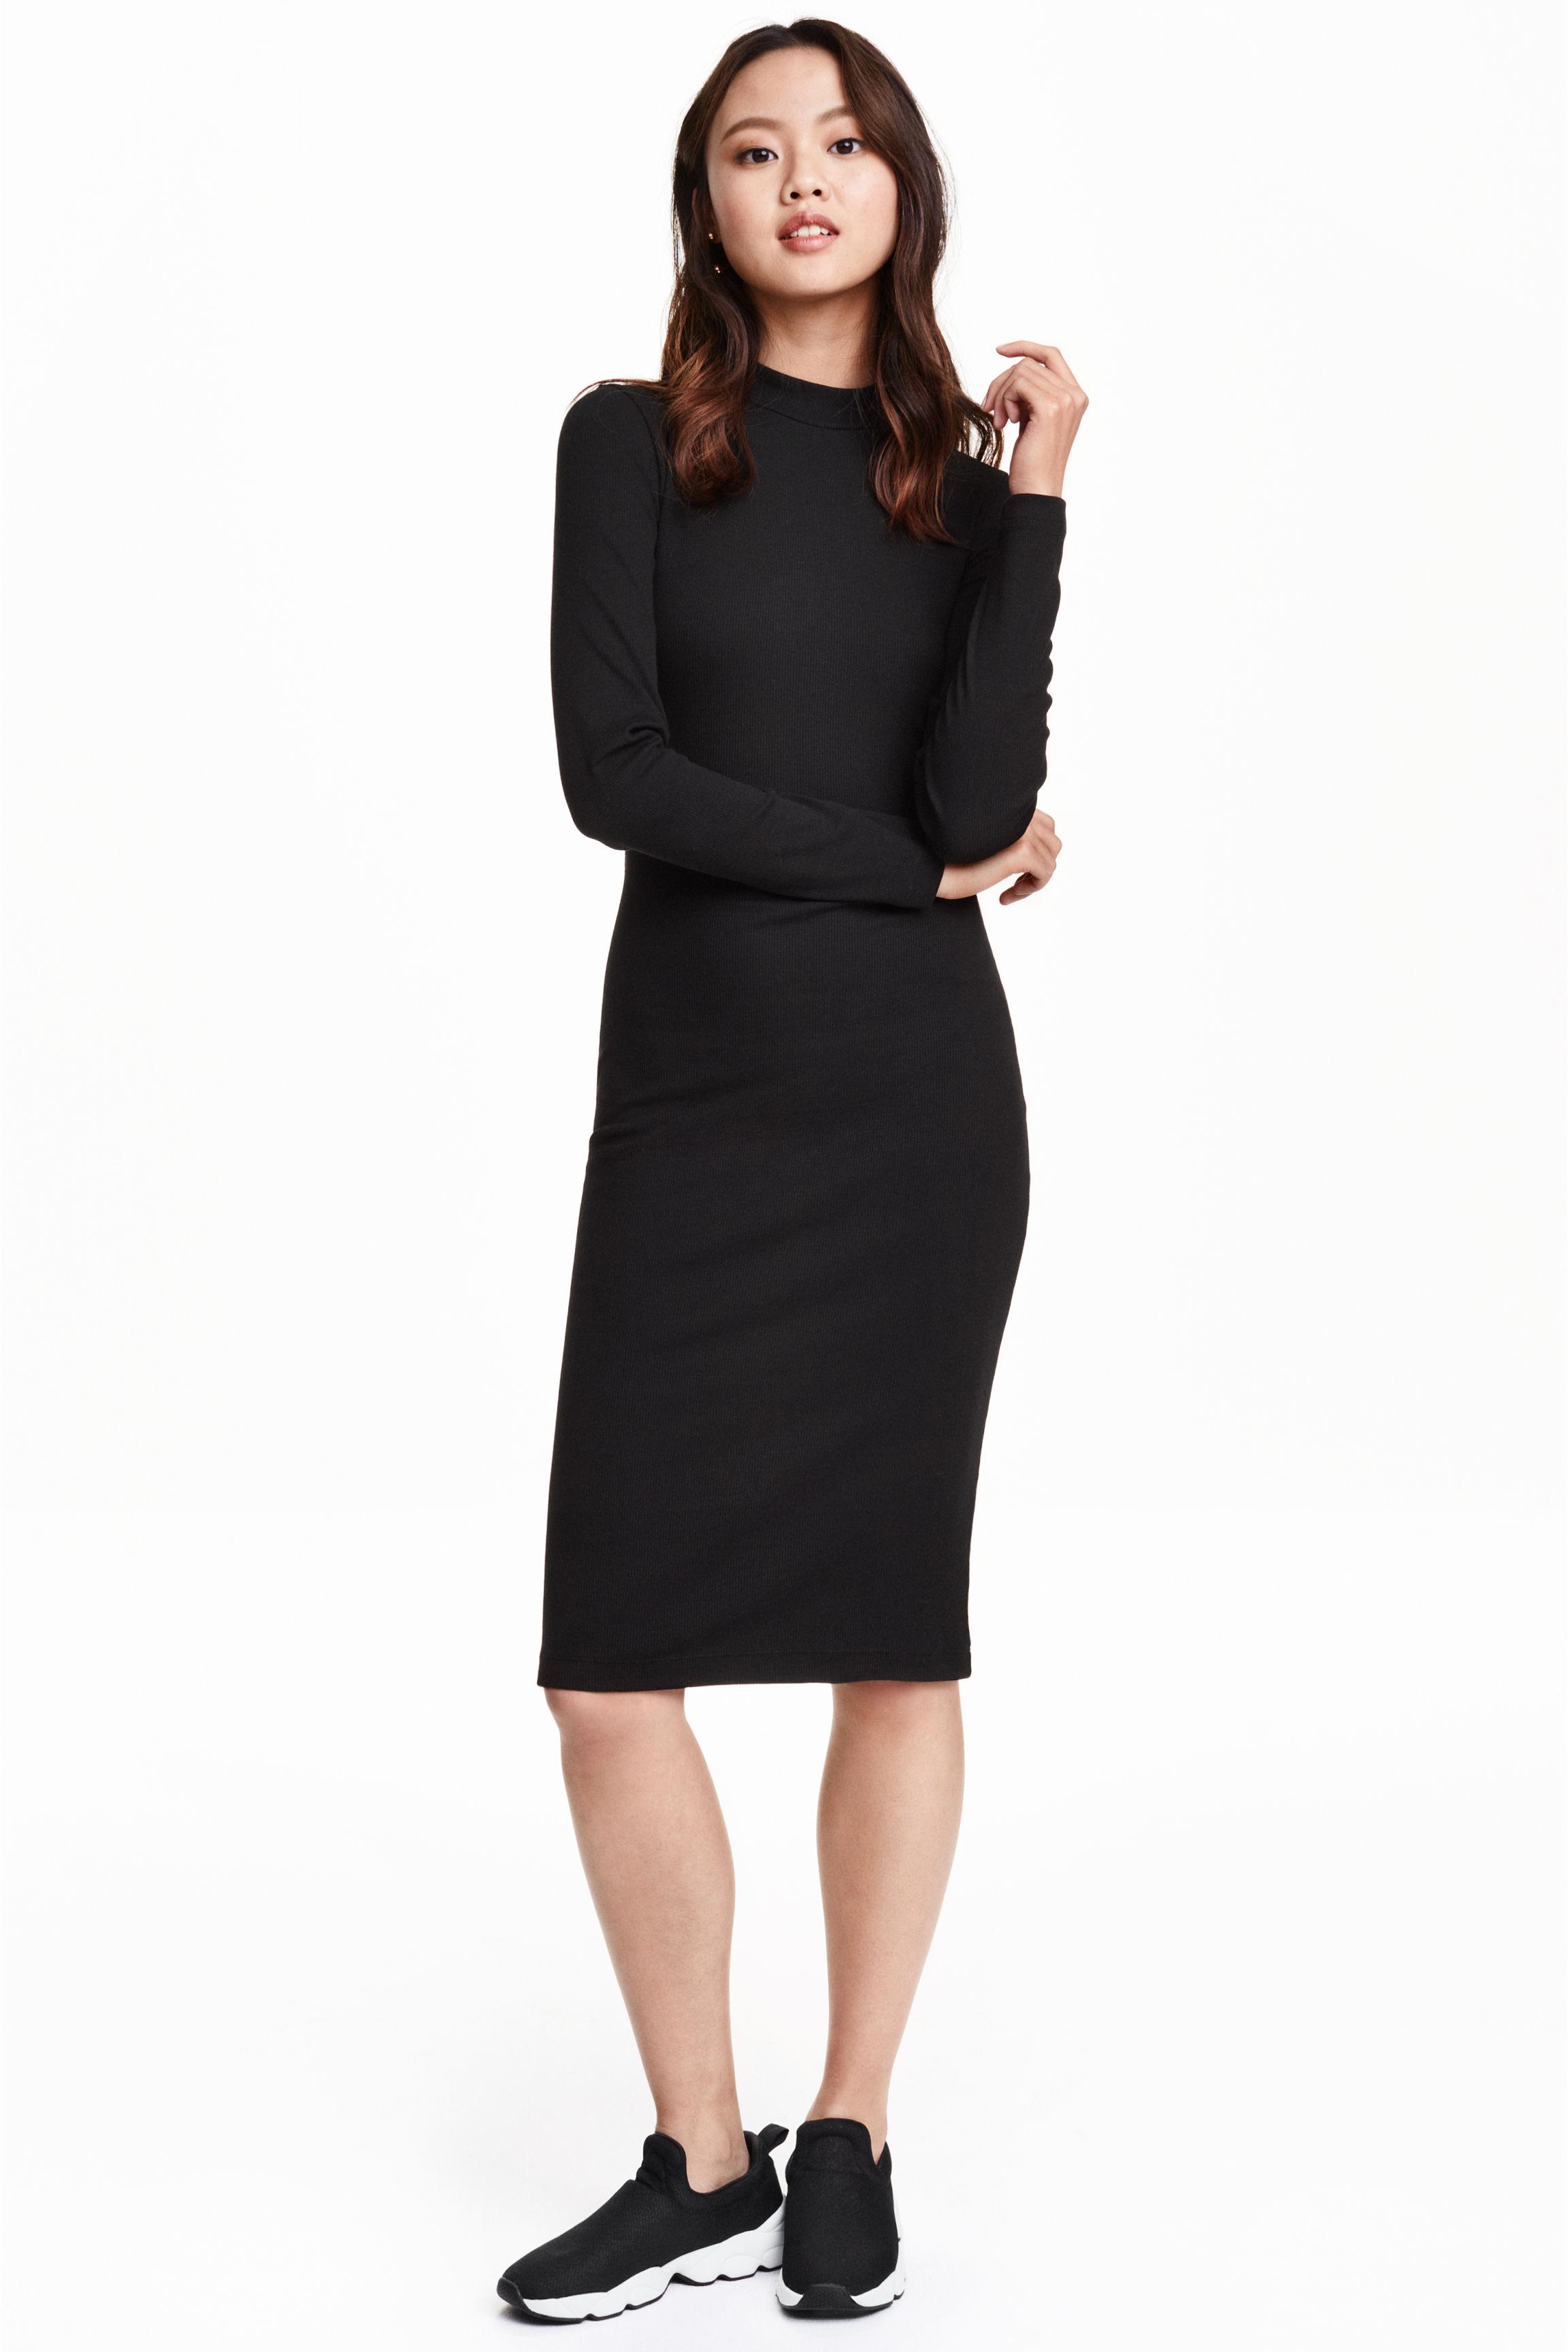 Black dress in h m - Black Dress In H M 2